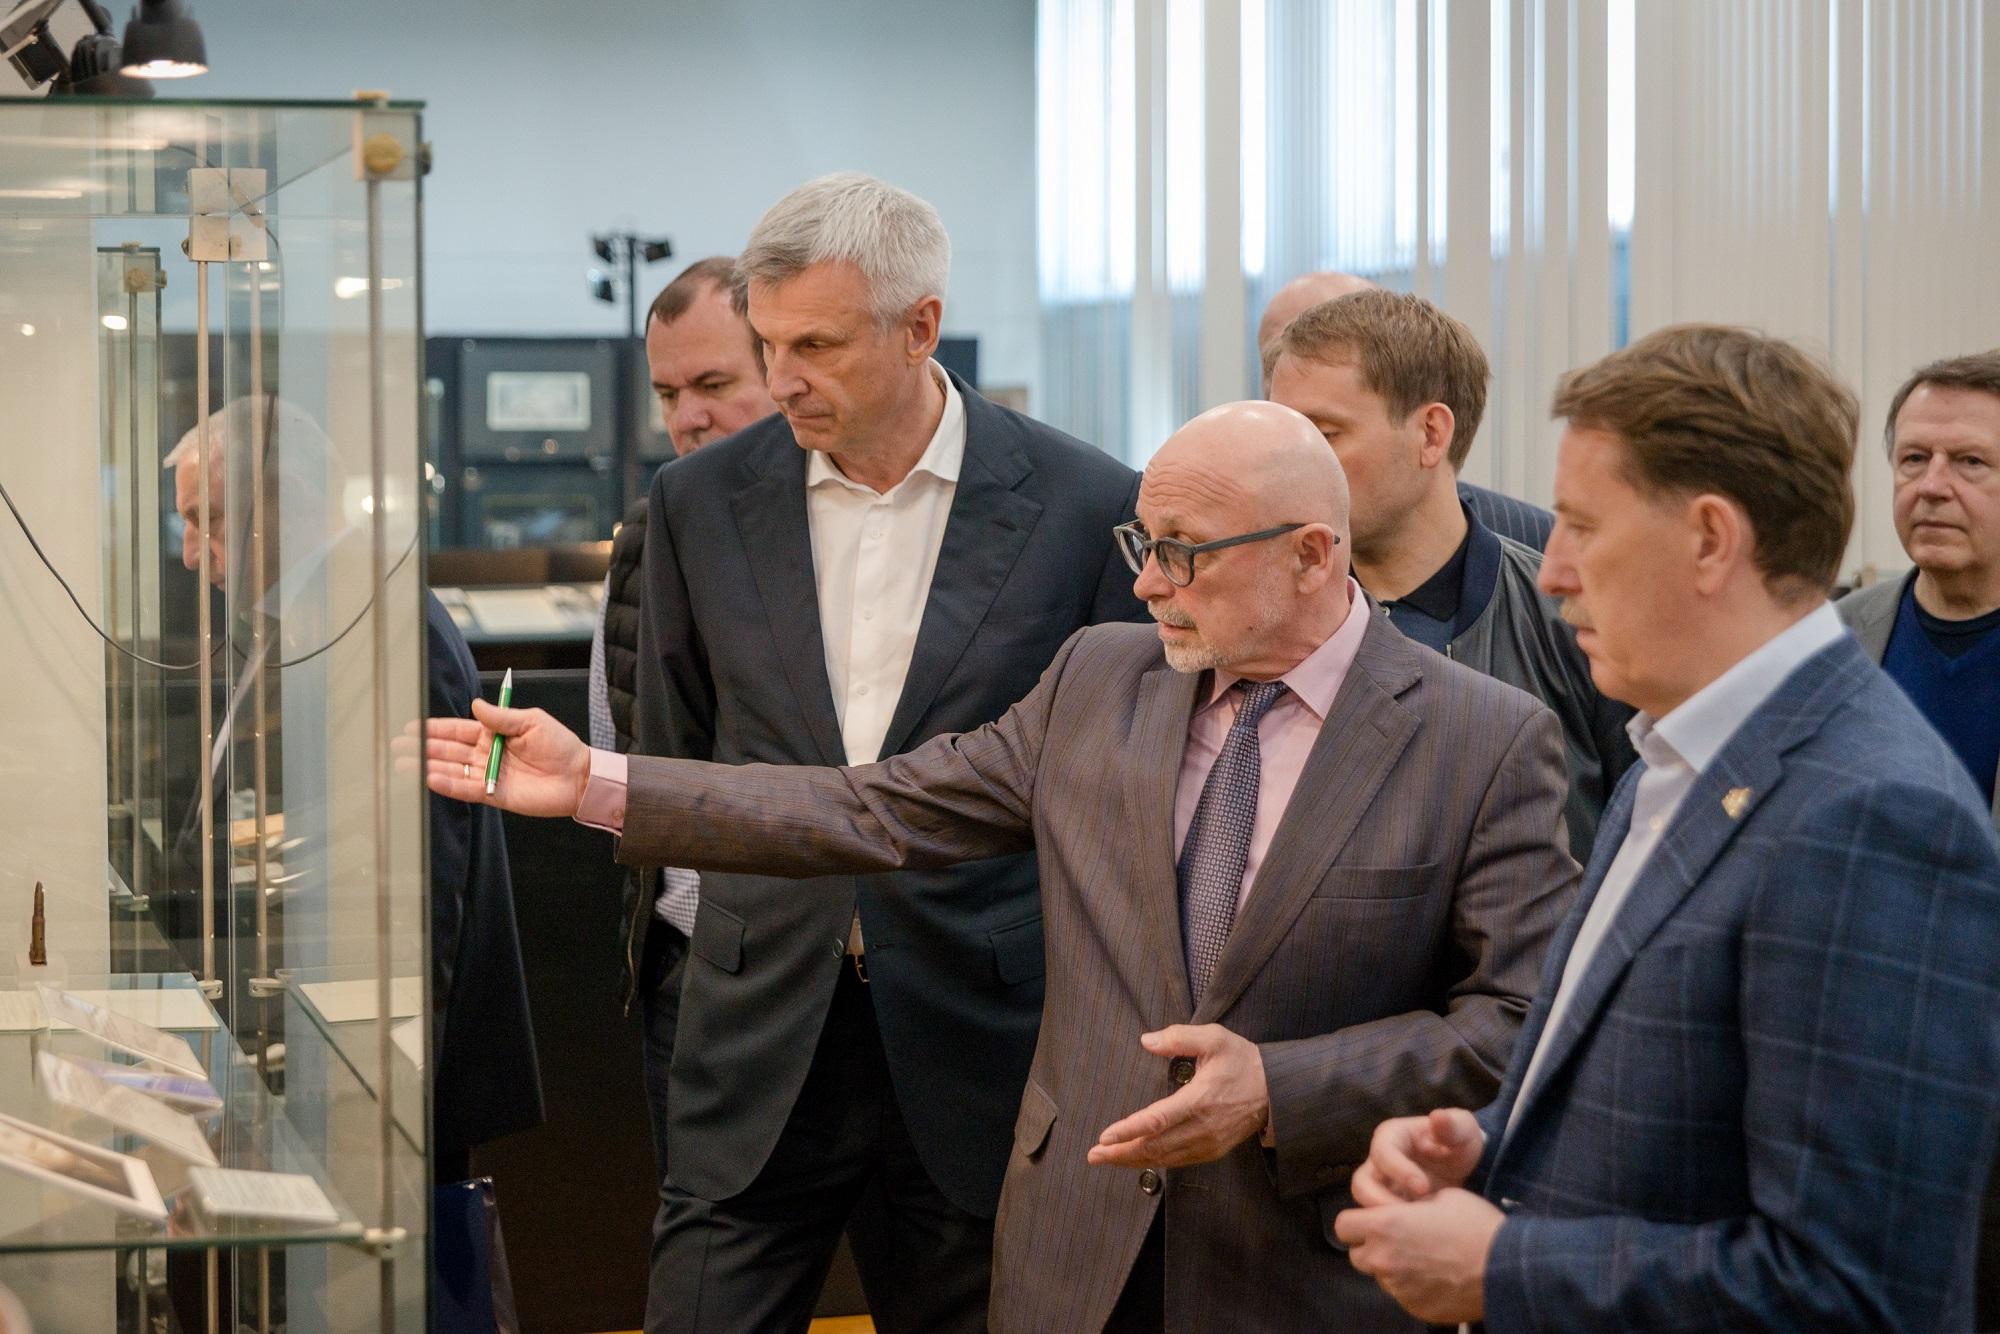 Алексей Гордеев, Александр Козлов и Сергей Носов посетили Краеведческий музей Магаданской области